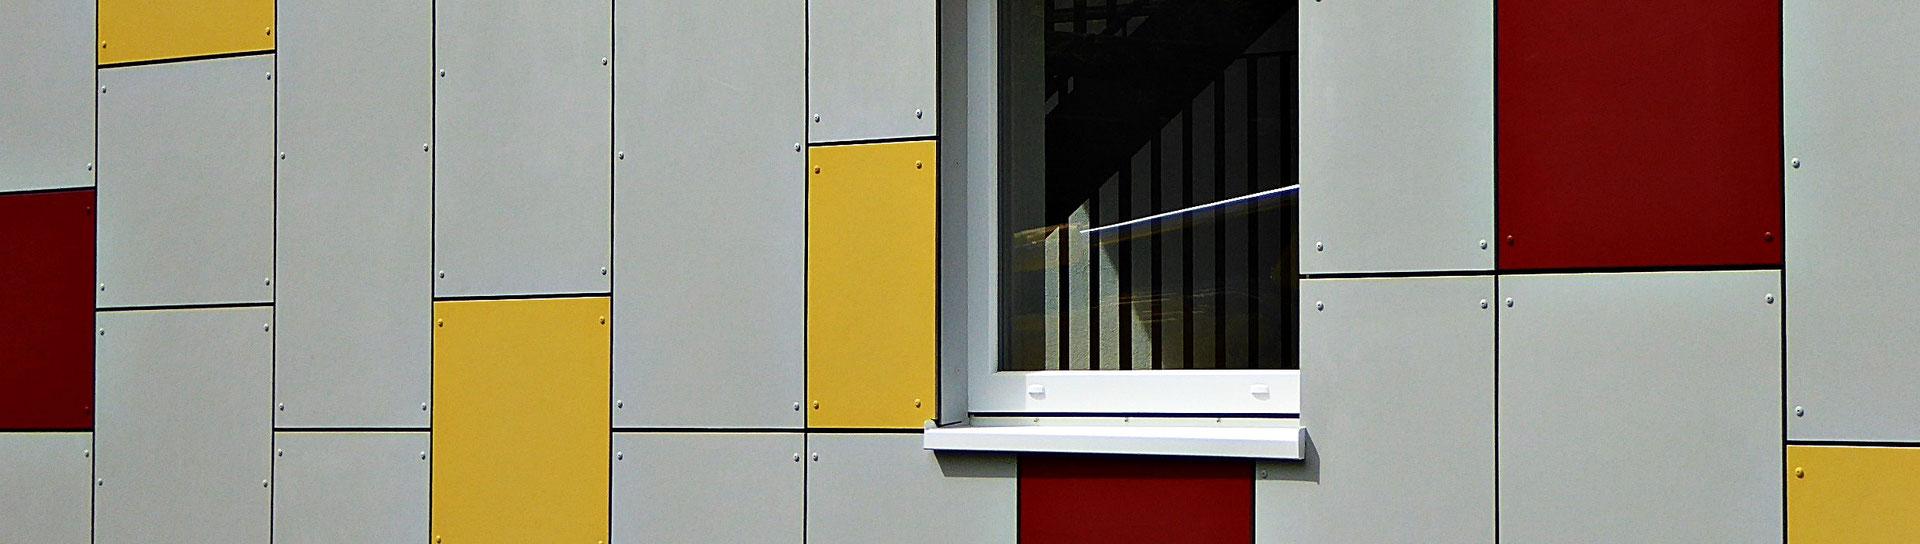 Architekt Ravensburg architekturprojekte k 252 hlborn architekt bausachverst 228 ndiger ravensburg